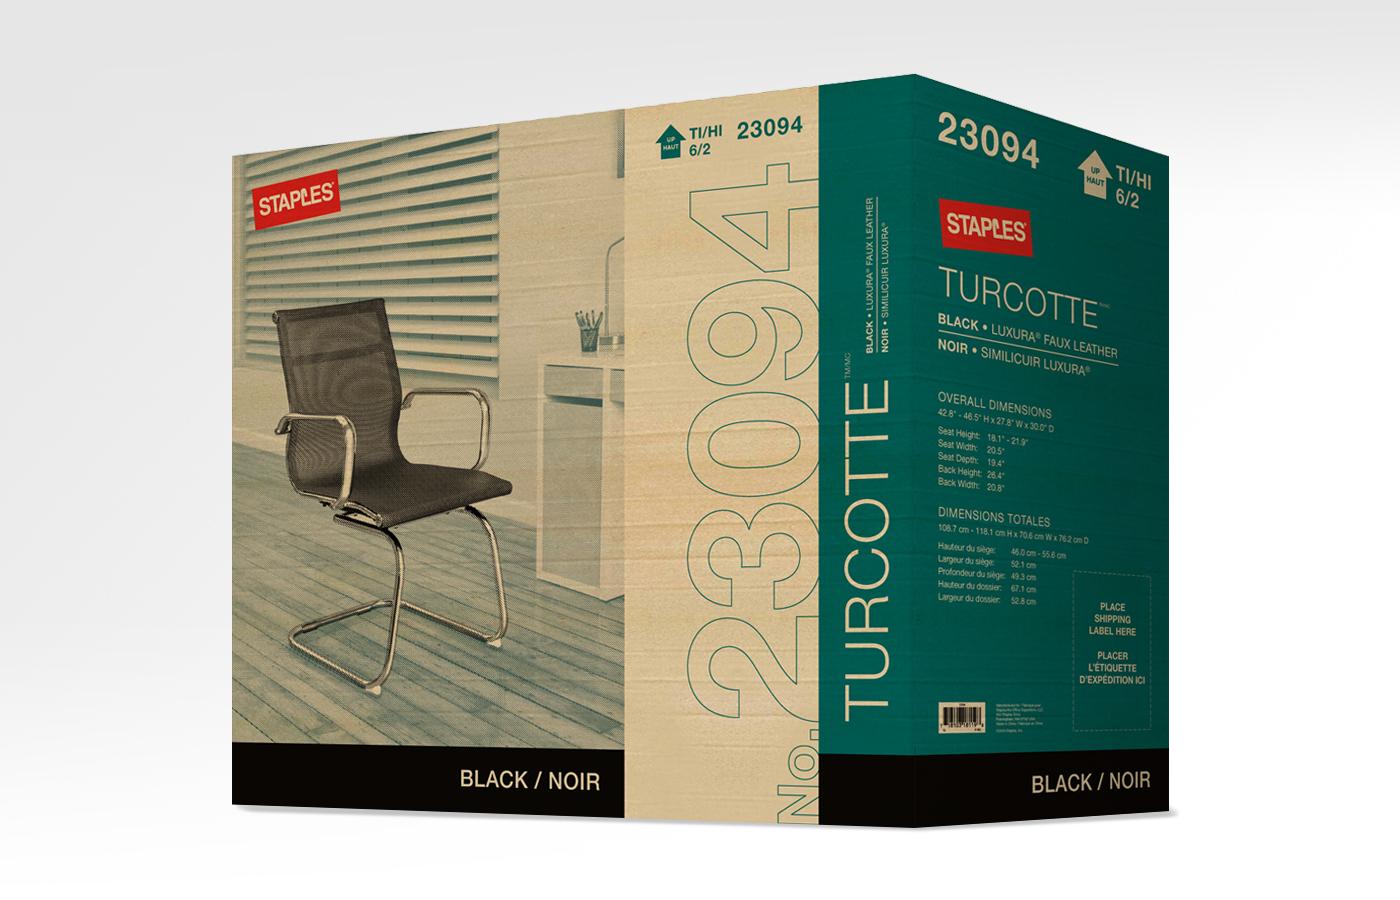 Ora SBG Story-Furniture2_1400x900.jpg